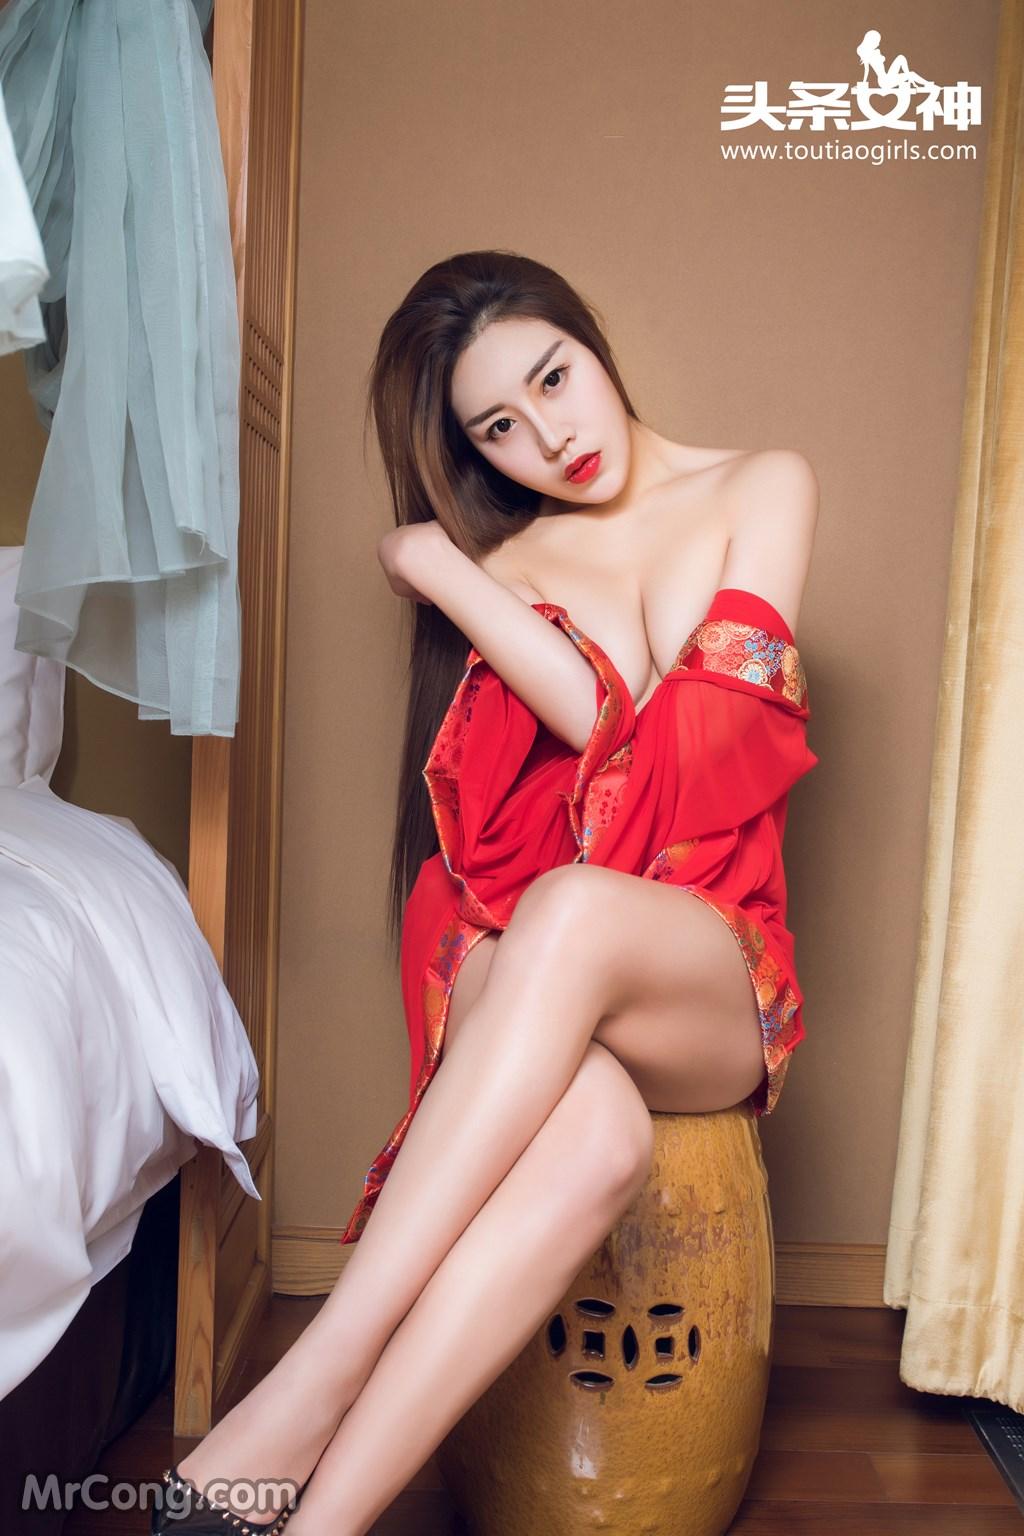 Image MrCong.com-TouTiao-2016-12-16-An-Su-Rui-005 in post TouTiao 2016-12-16: Người mẫu An Su Rui (安苏芮) (27 ảnh)